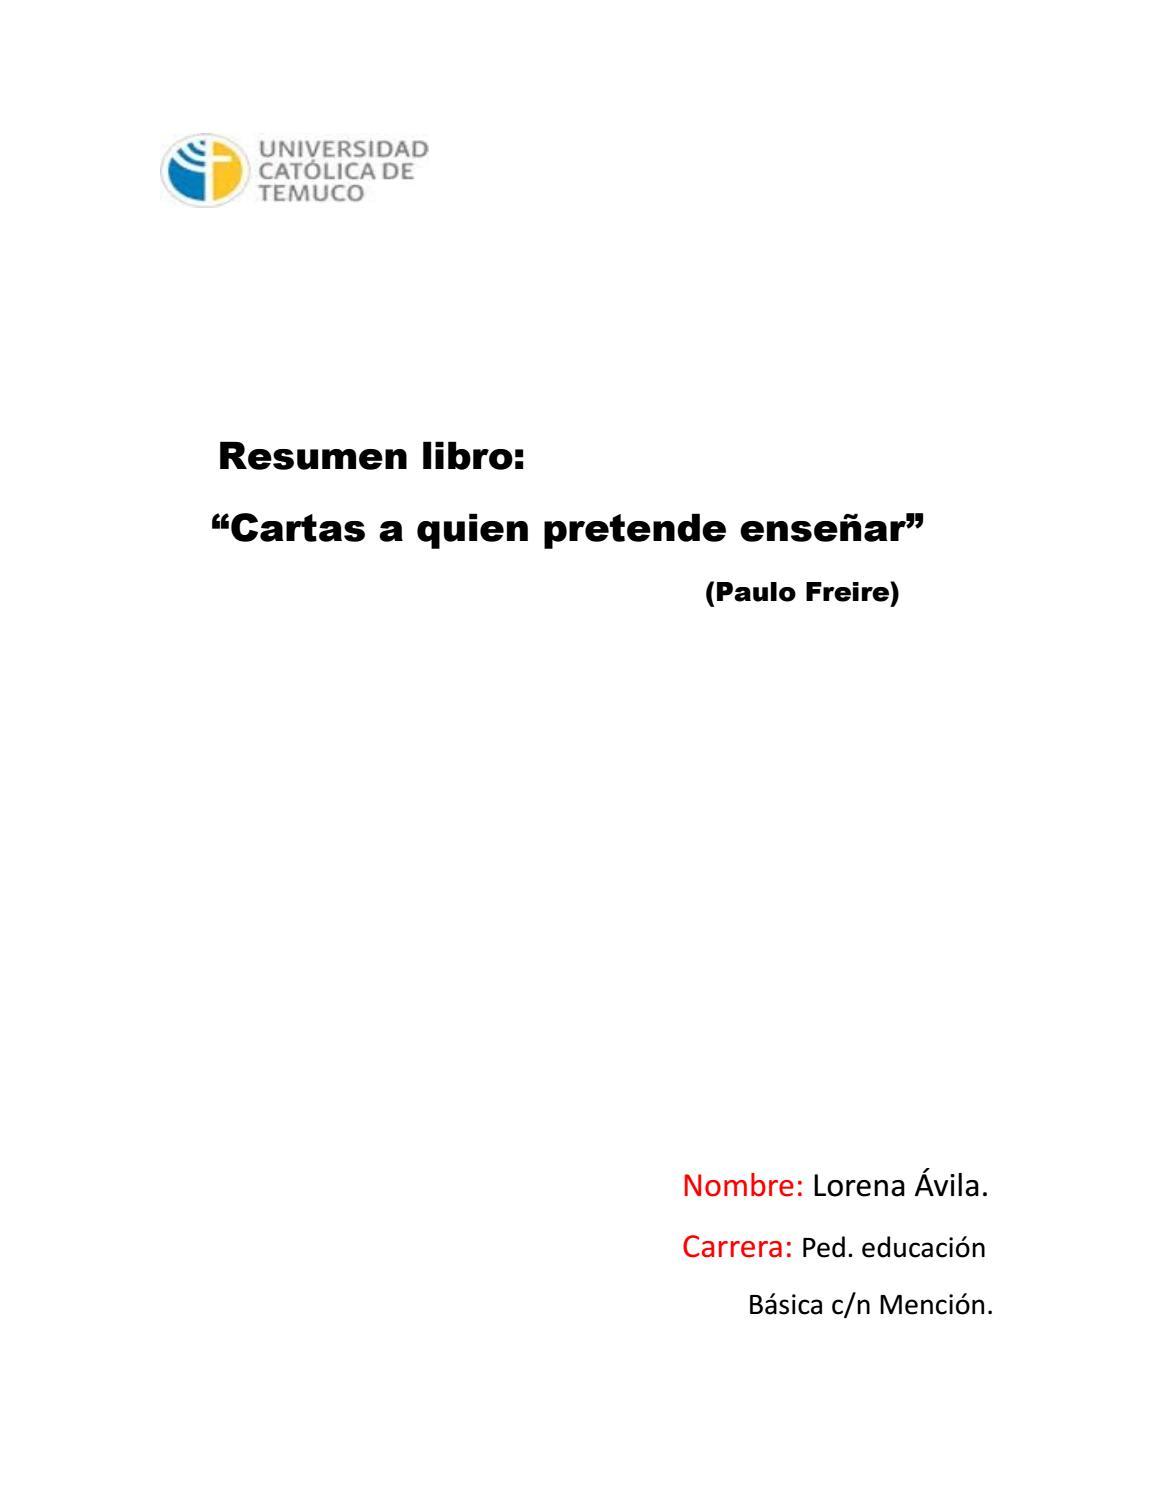 Resumen cartas a quien pretende enseñar by Lorena Avila - issuu